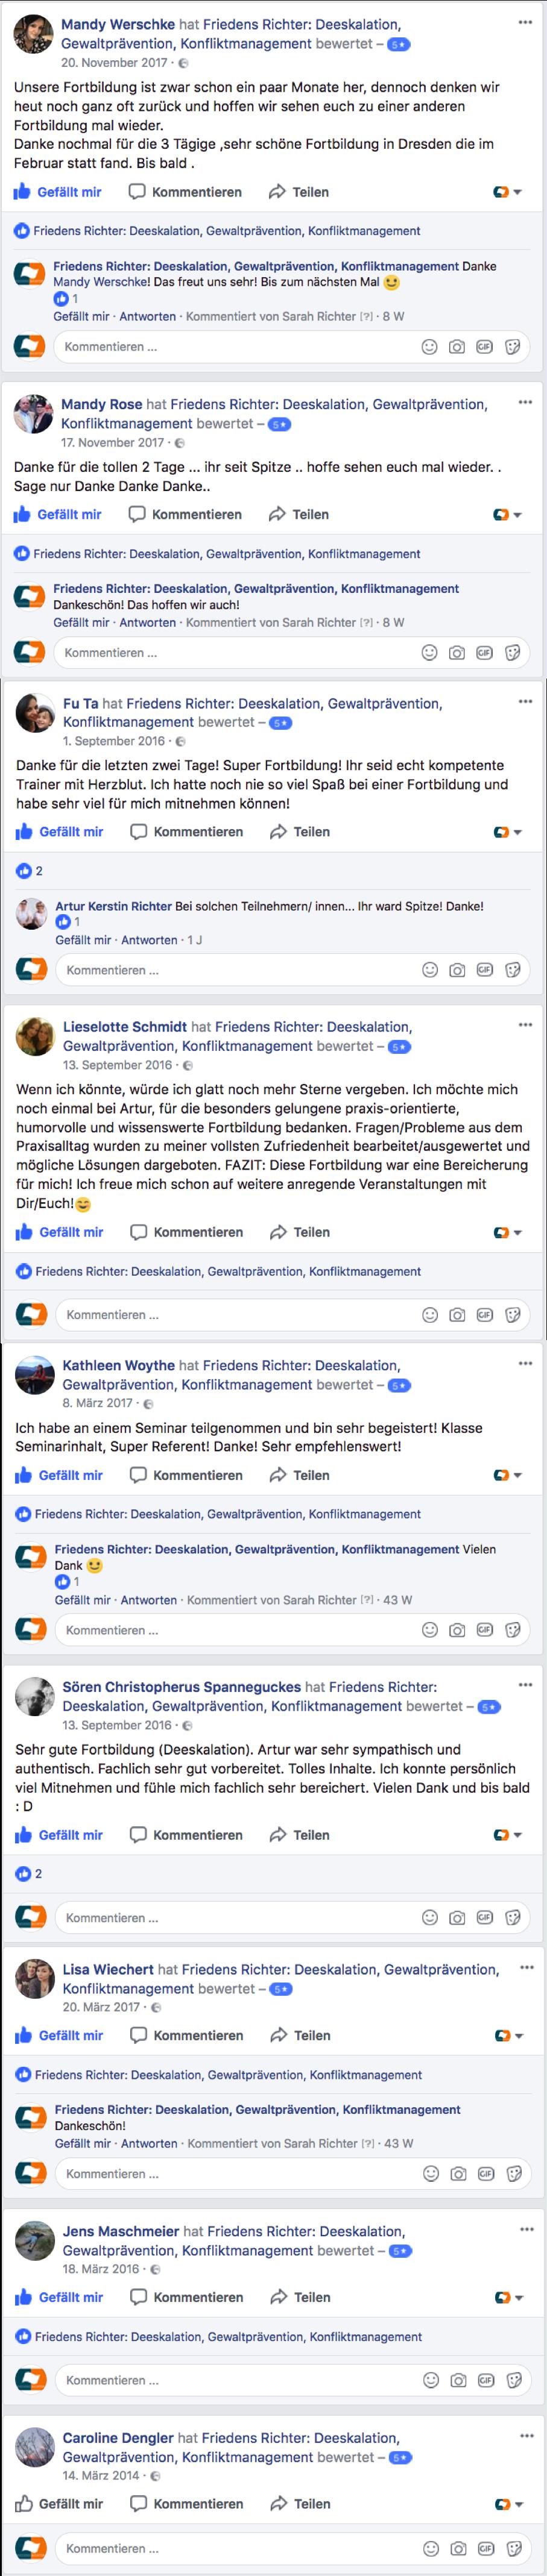 FRIEDENS RICHTER Seminarbewertungen Facebook Stand Jan 18